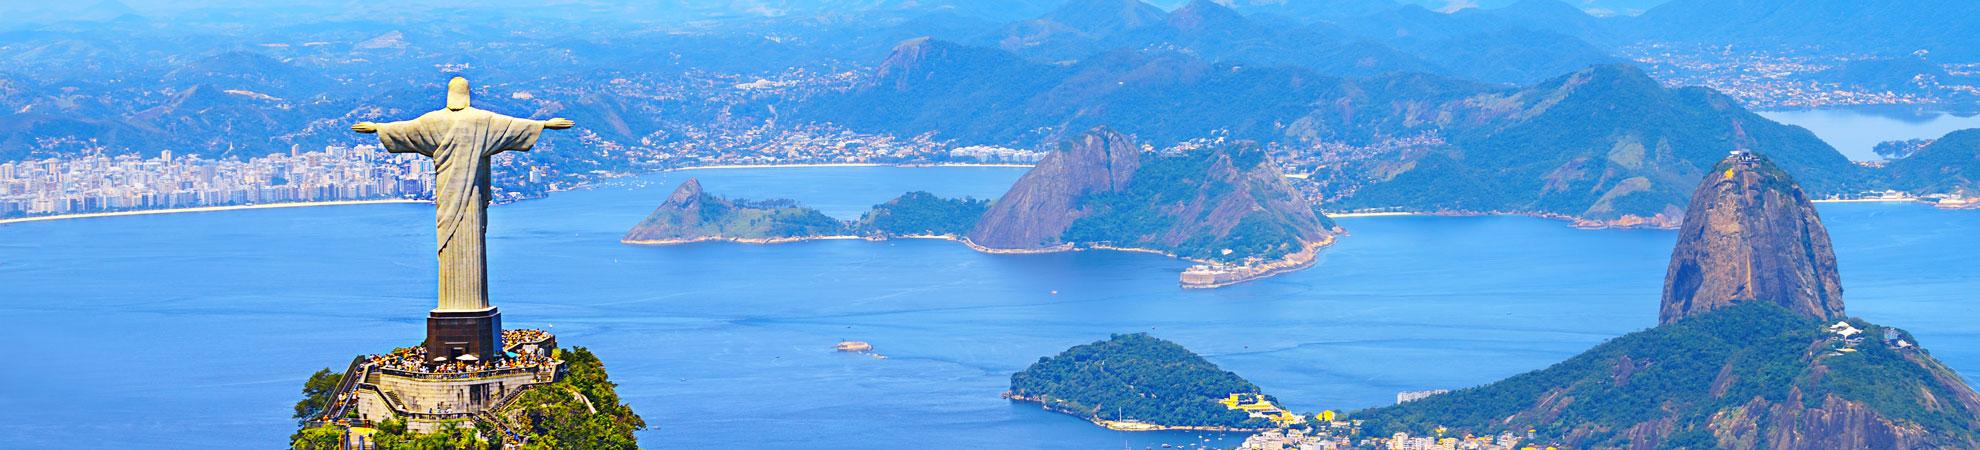 Pays Brésil et Rio